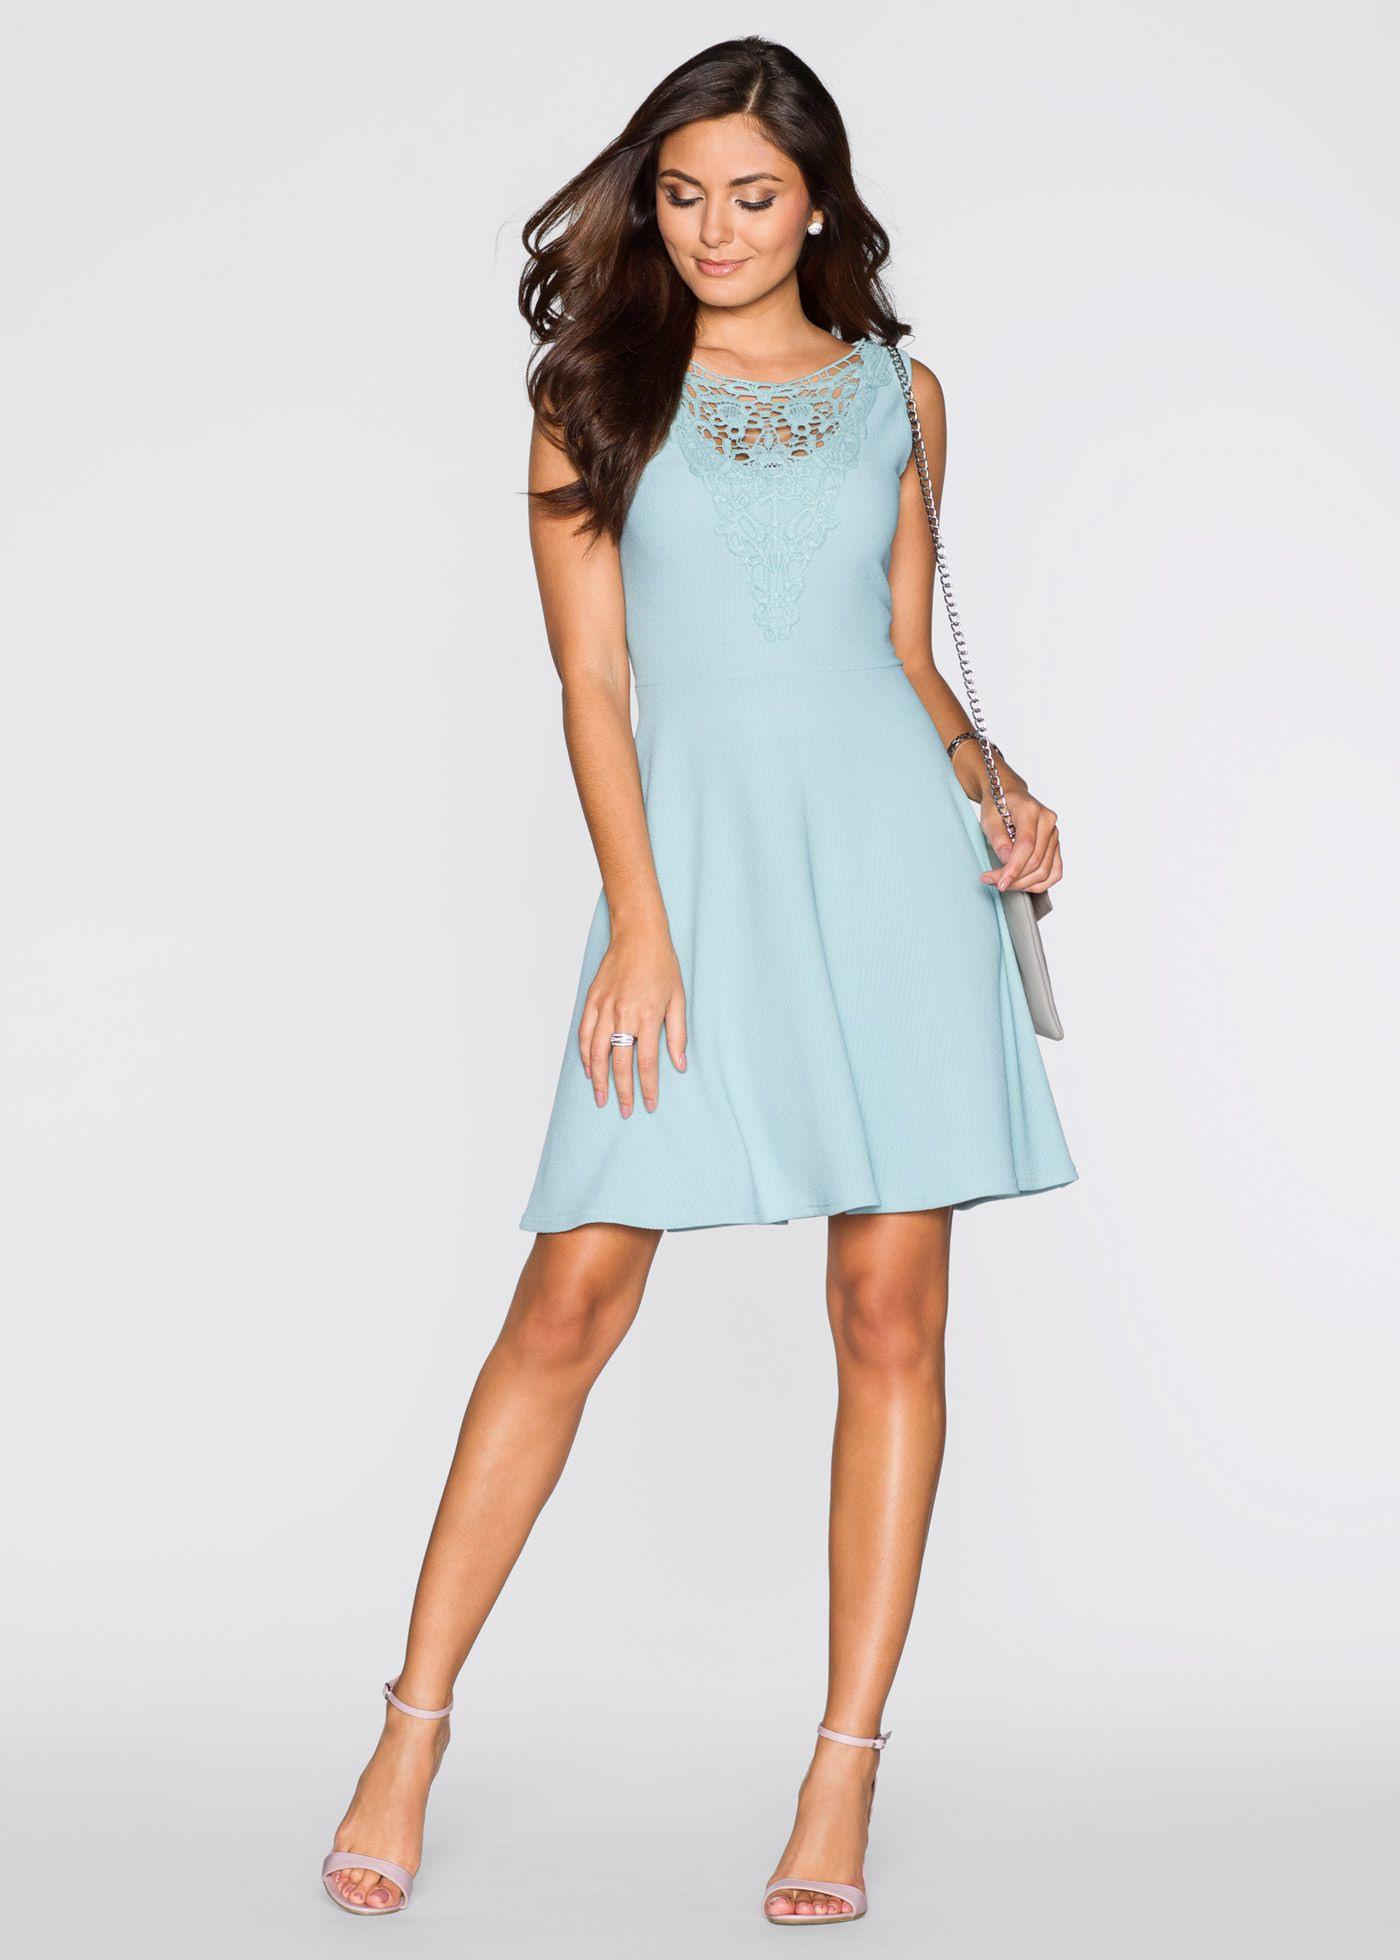 formal schön festliche kleider online shop design - abendkleid